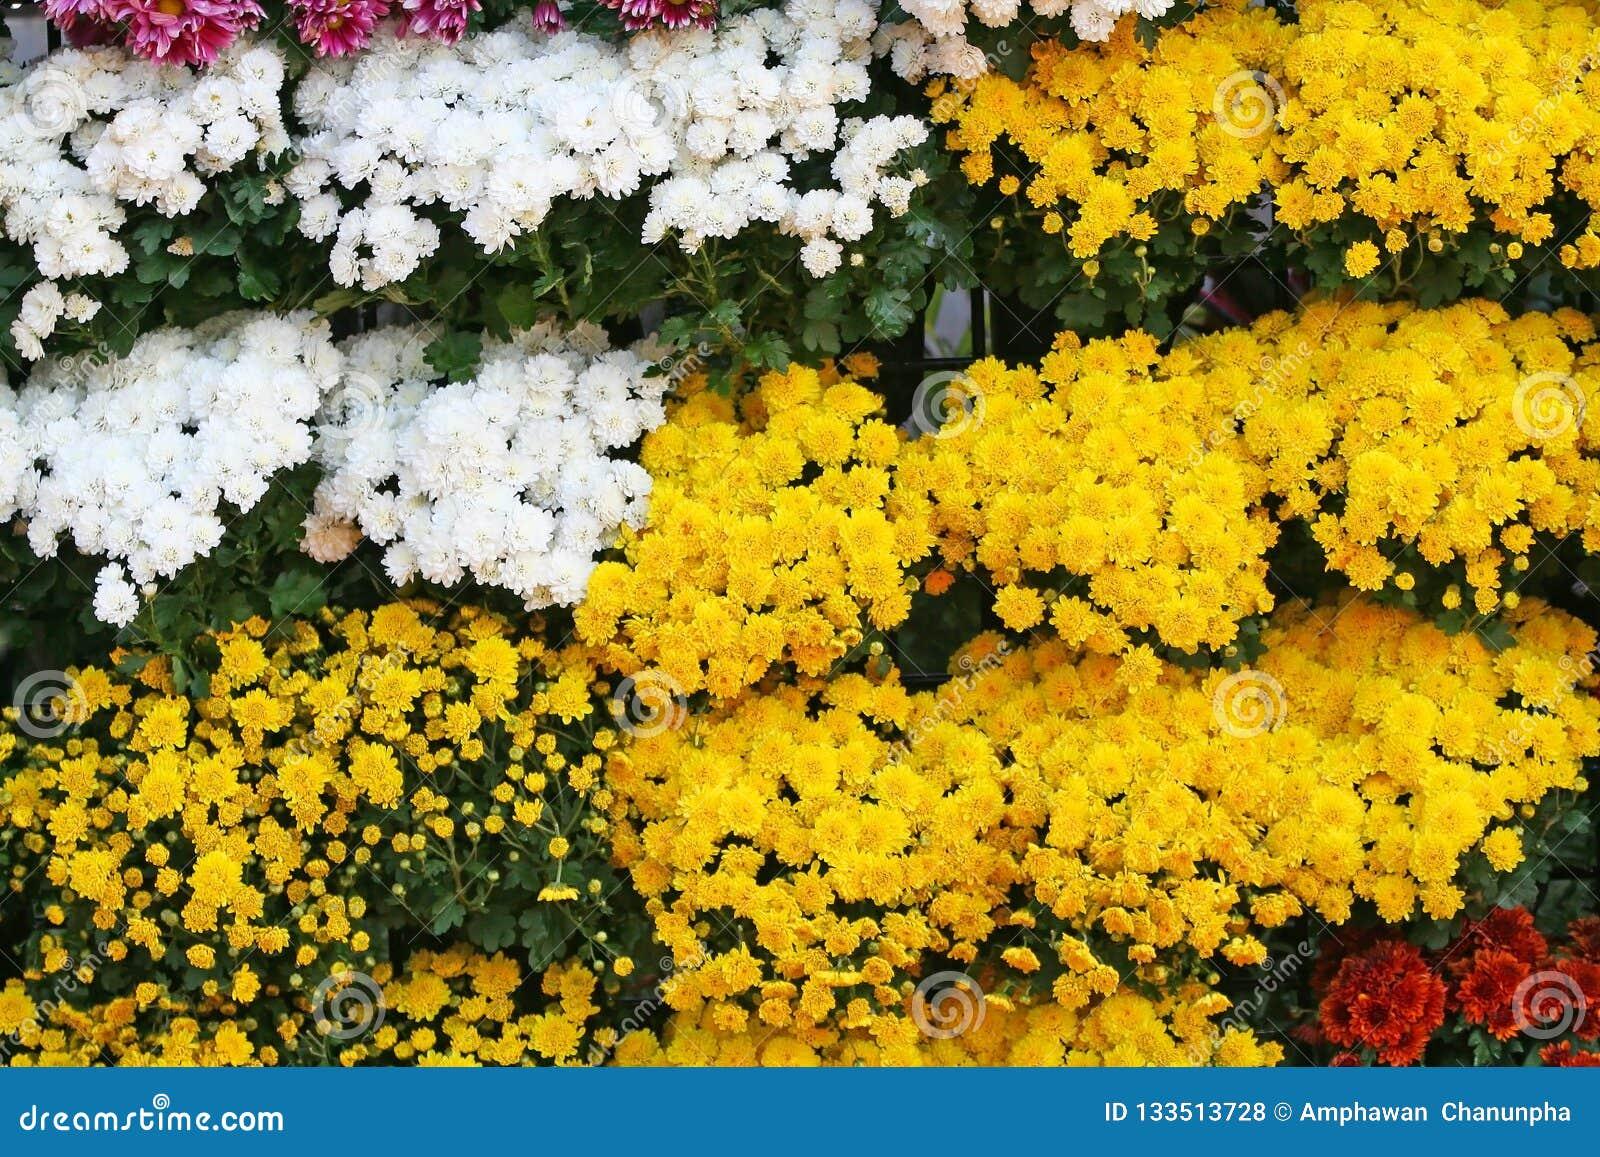 黄色和白花开花的背景,菊花开花在清迈花节日,举行在2月每年